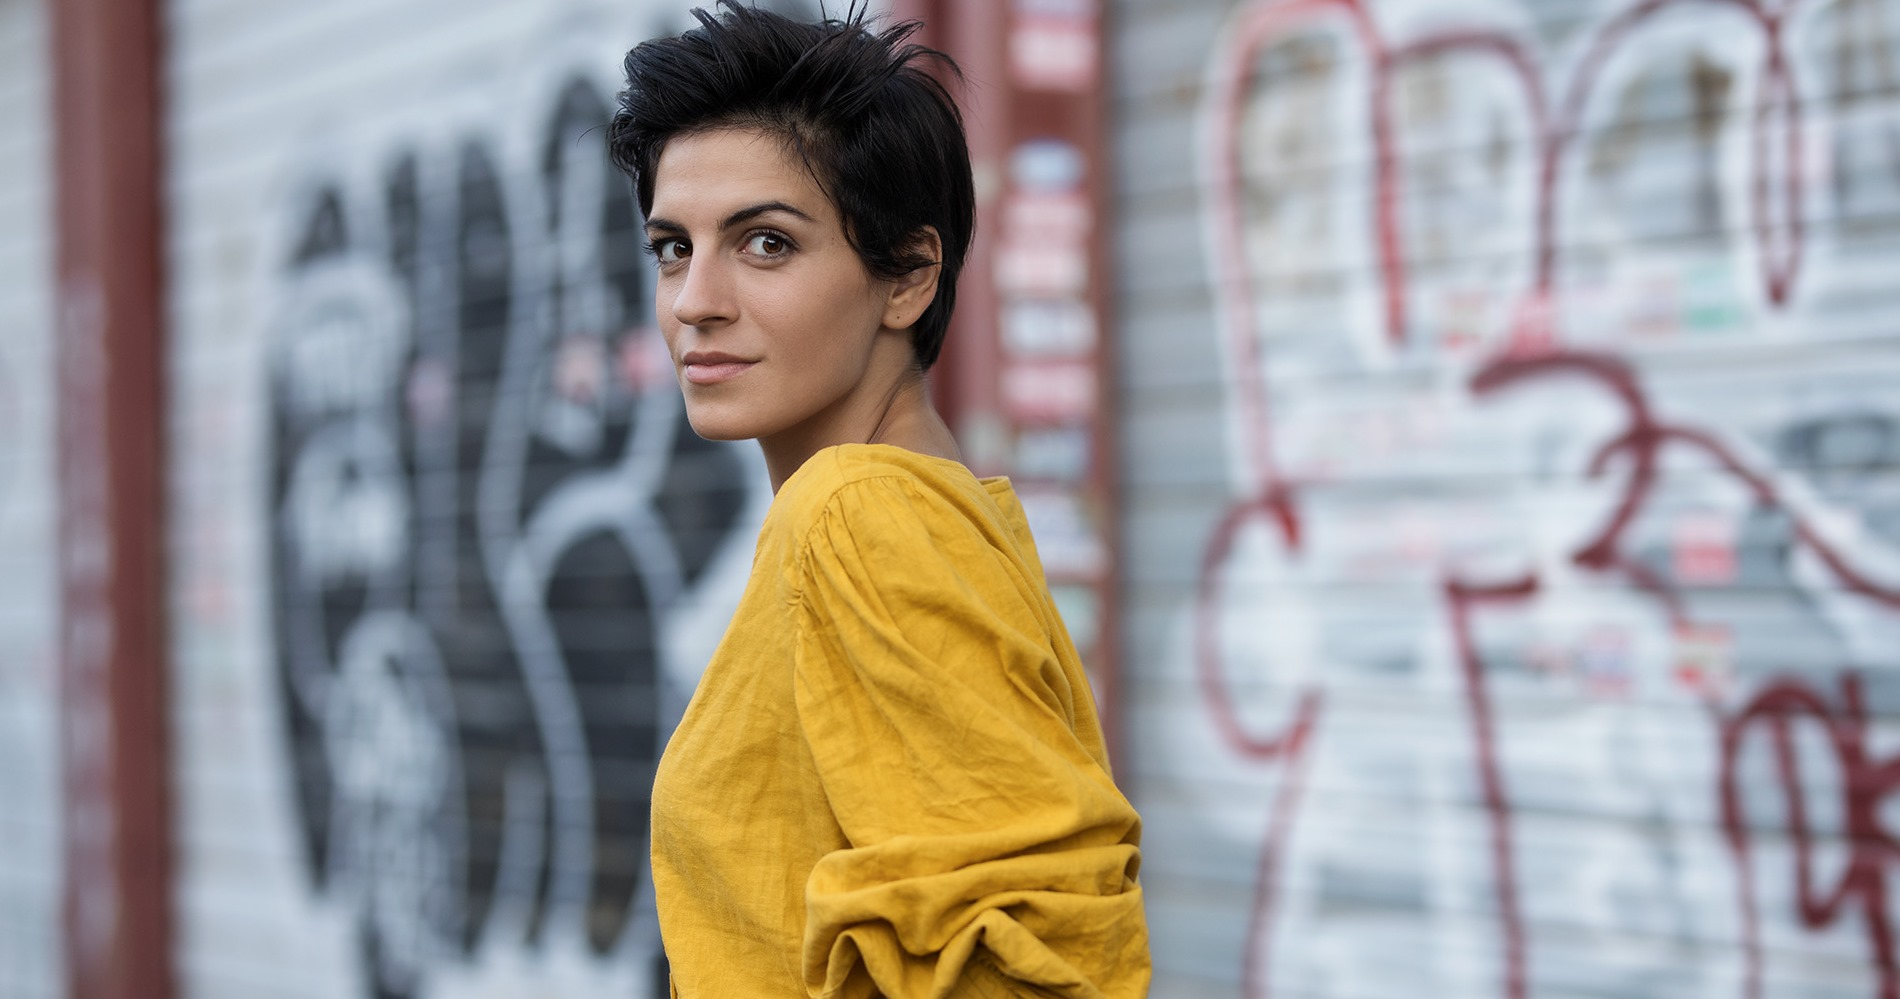 """<span class=""""entry-title-primary"""">Intervista a Valeria Zazzaretta: """"Io tra teatro, cinema e tv. Presto L'allieva 3""""</span> <span class=""""entry-subtitle"""">L'attrice, già ammirata in """"Don Matteo"""" e """"Provaci ancora Prof"""", si prepara a un nuovo ruolo in tv e si racconta su La voce dello schermo. </span>"""